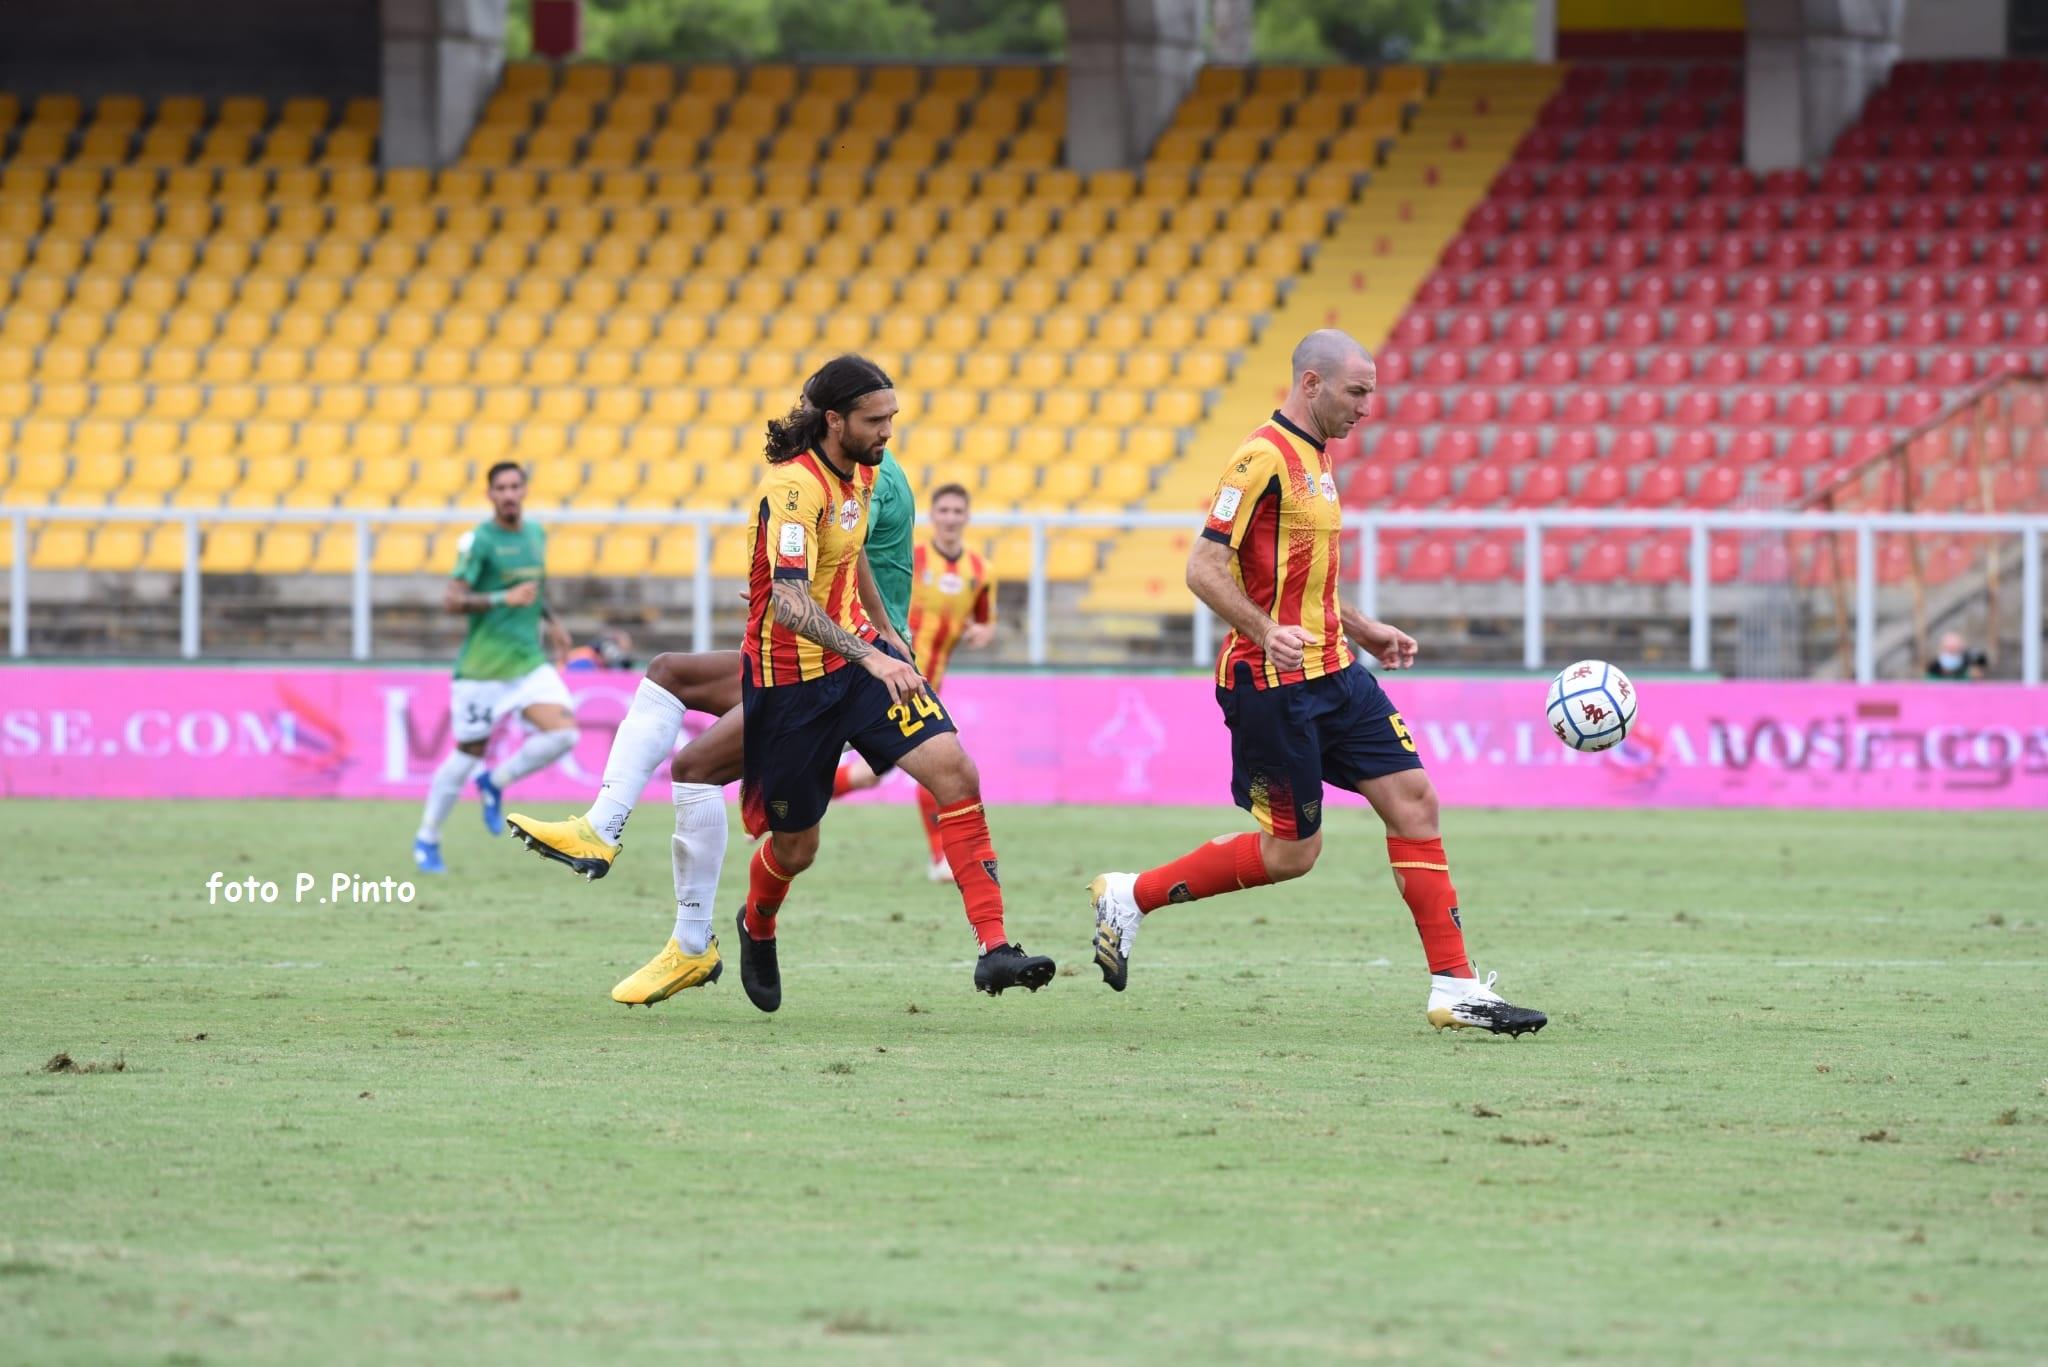 Lecce-Pordenone: tante emozioni e zero gol